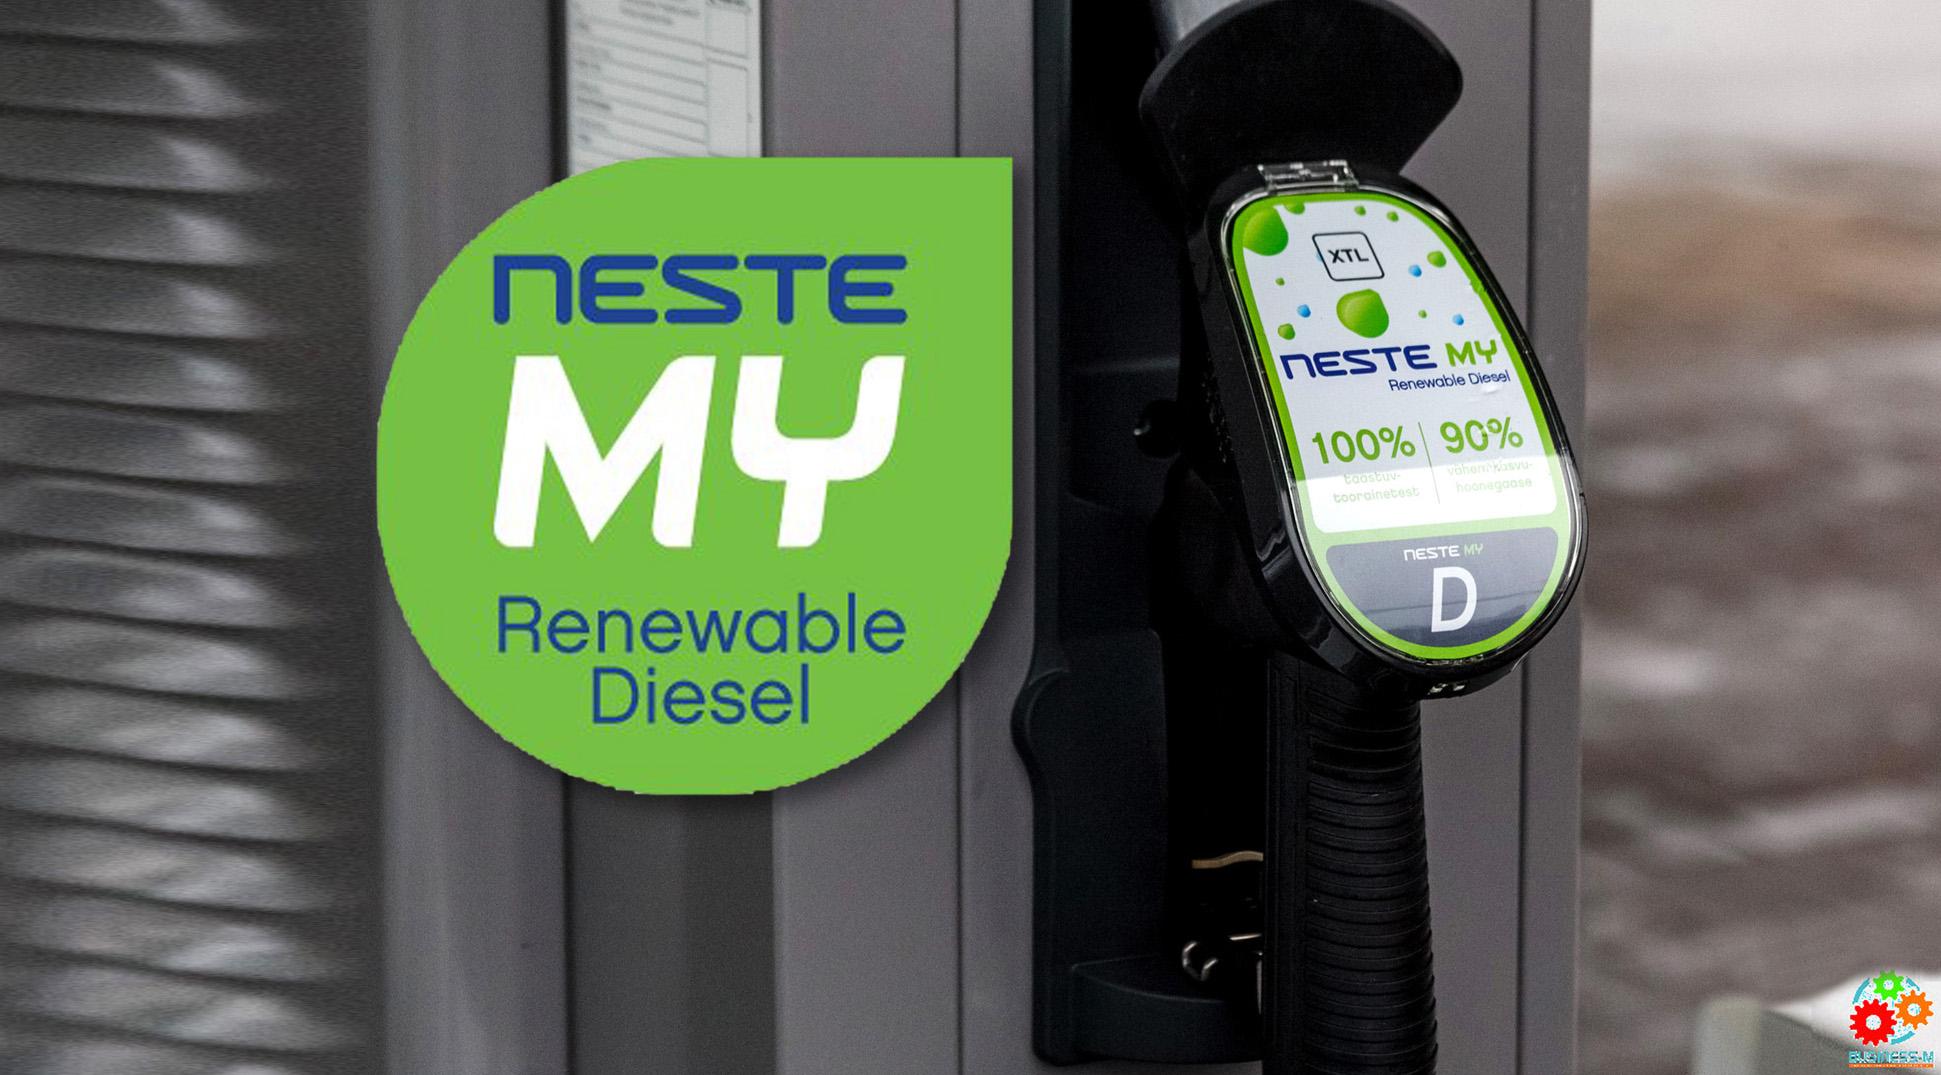 Новое топливо Neste MY теперь и на заправке в Юлемисте